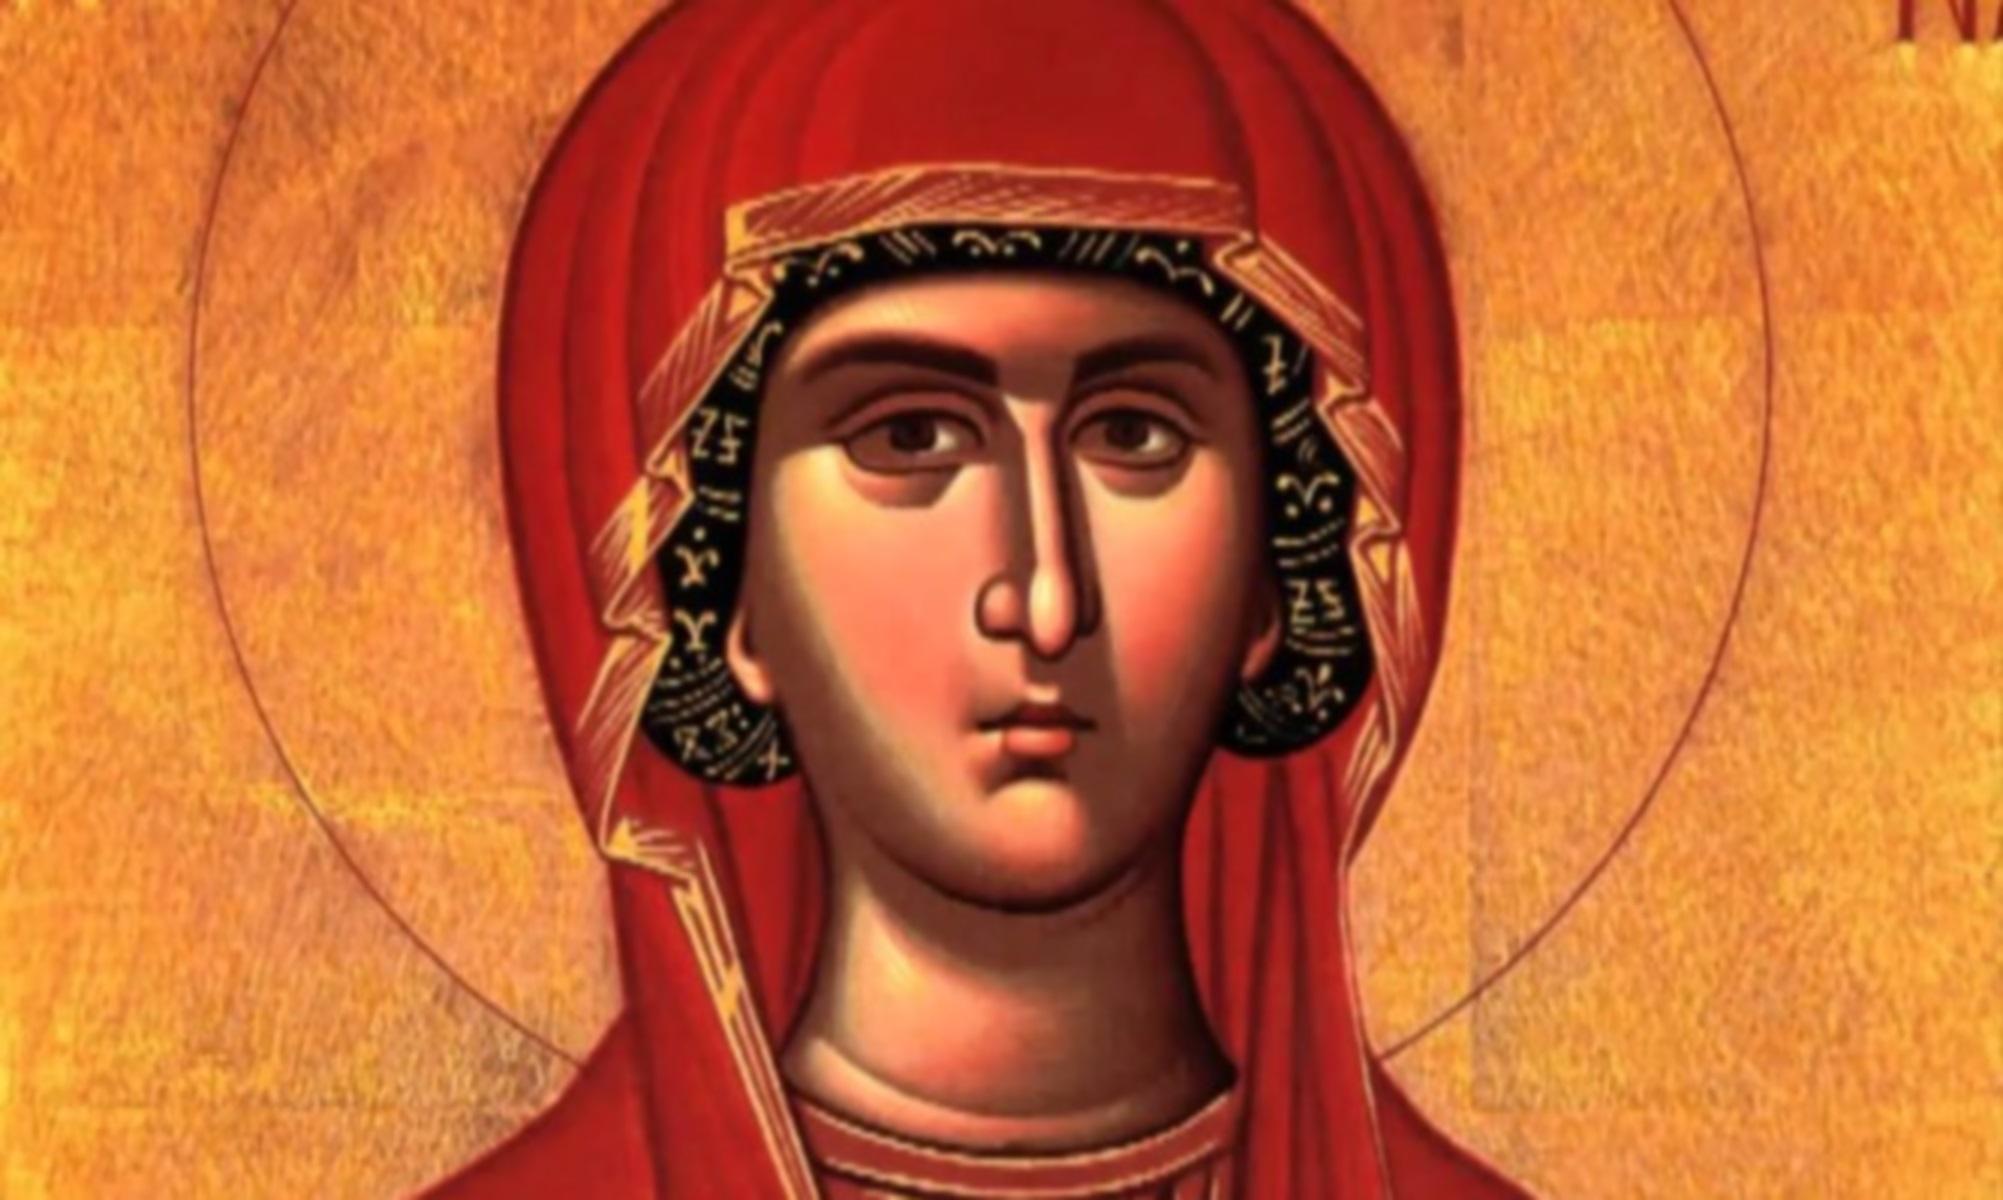 Γιορτάζει η Αγία Μαρίνα σήμερα (17/07)